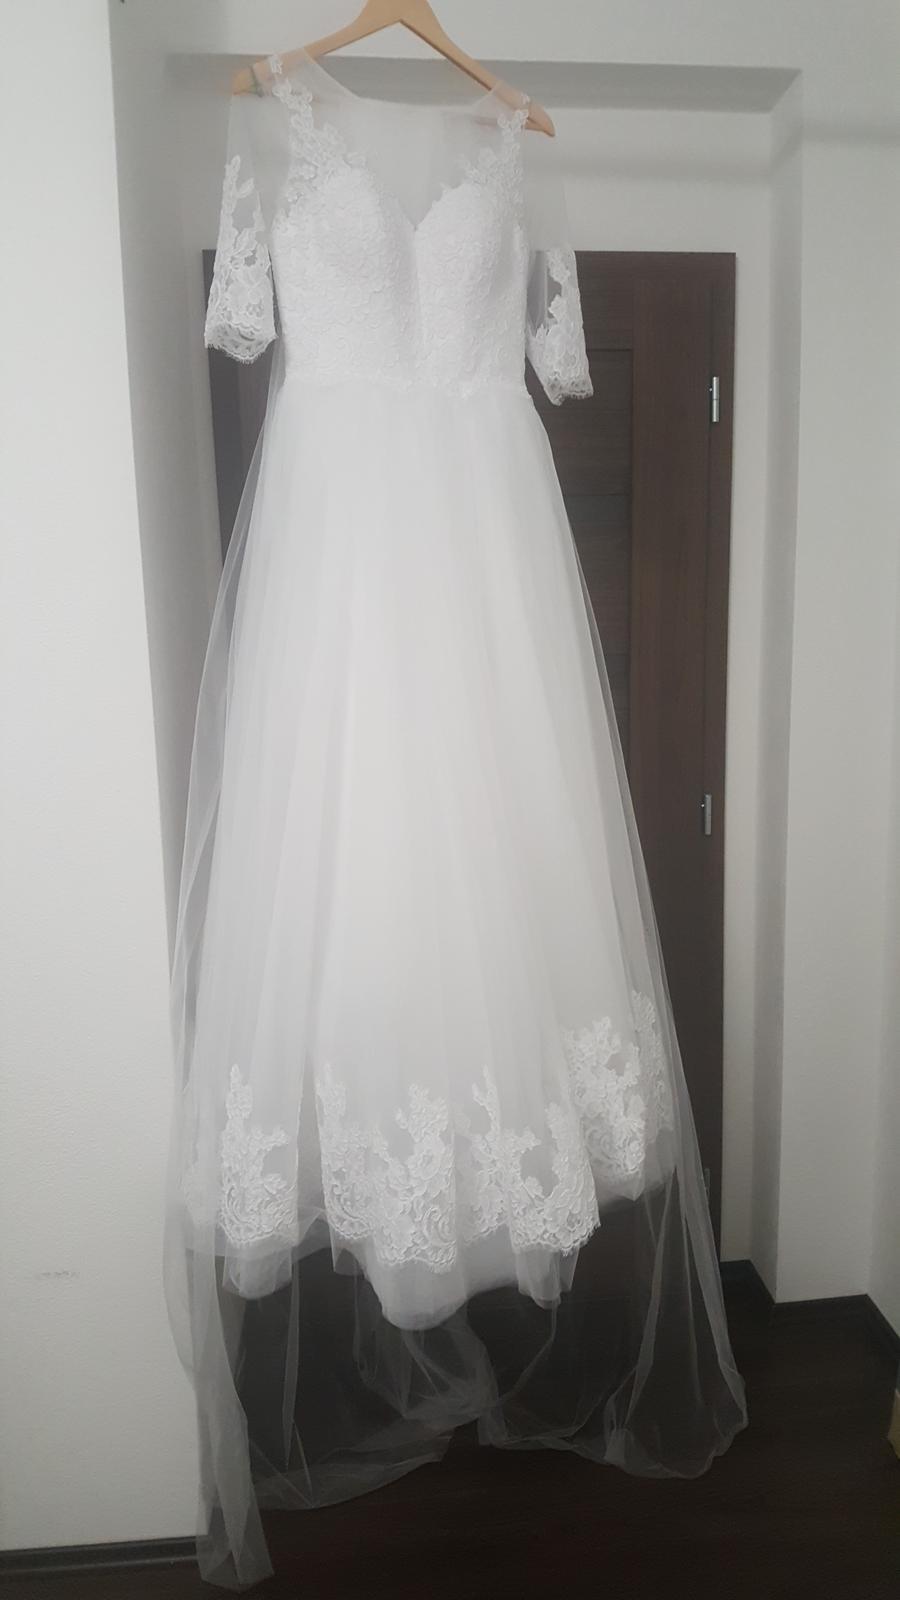 35c05b9b9e6e Pani bola milá a upravila mi šaty na mieru. Vo vnútri je šnurovačka a  niejeje ju vidno. Ja mam na fotografii este podprsenku ale bez nej je to  krajšie.